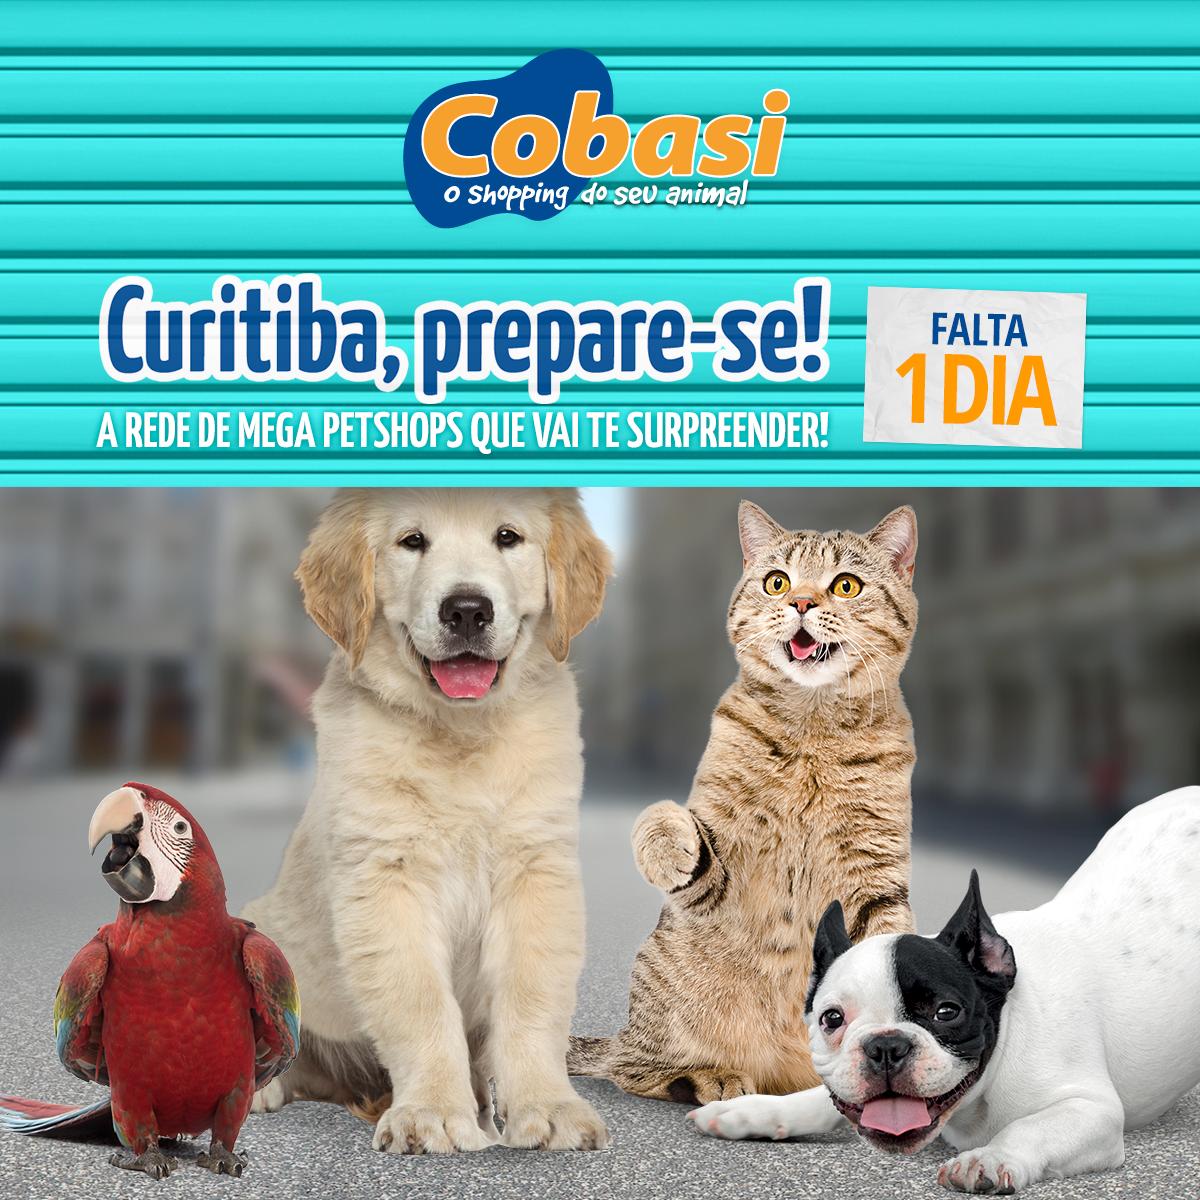 atelie-da-propaganda-cobasi-midias-sociais-6